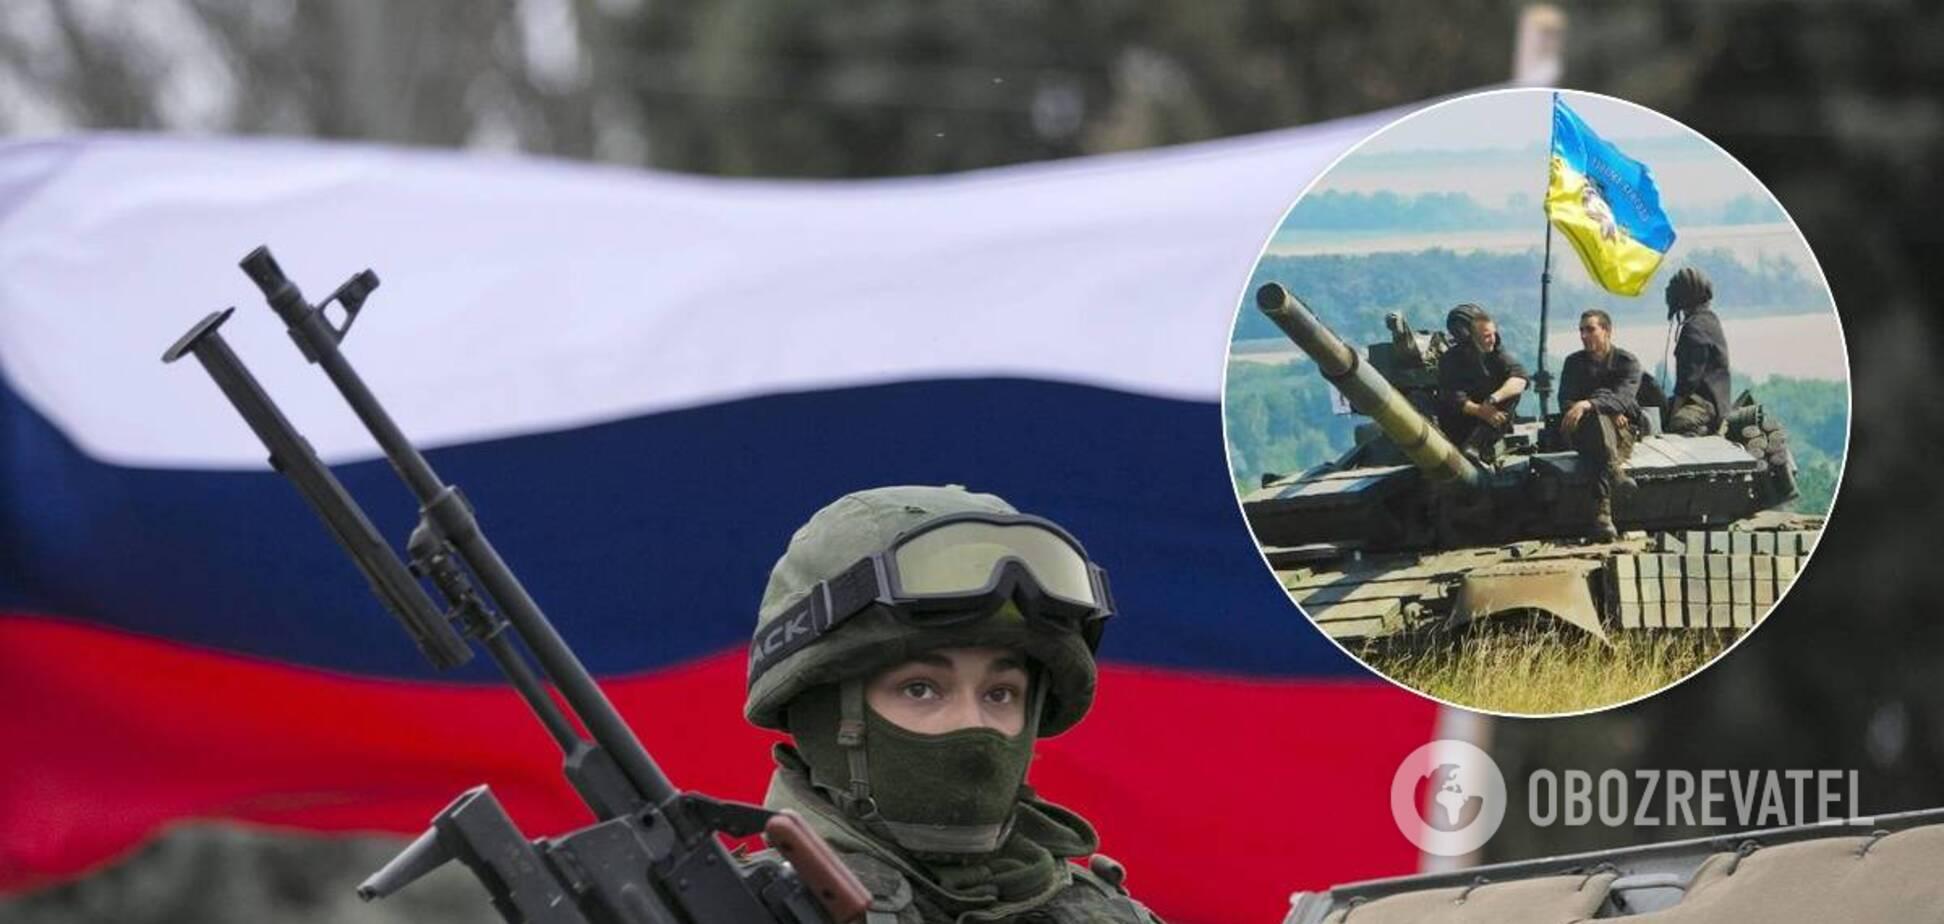 В МИД РФ заявили об ''отсутствии военных планов'' по Украине